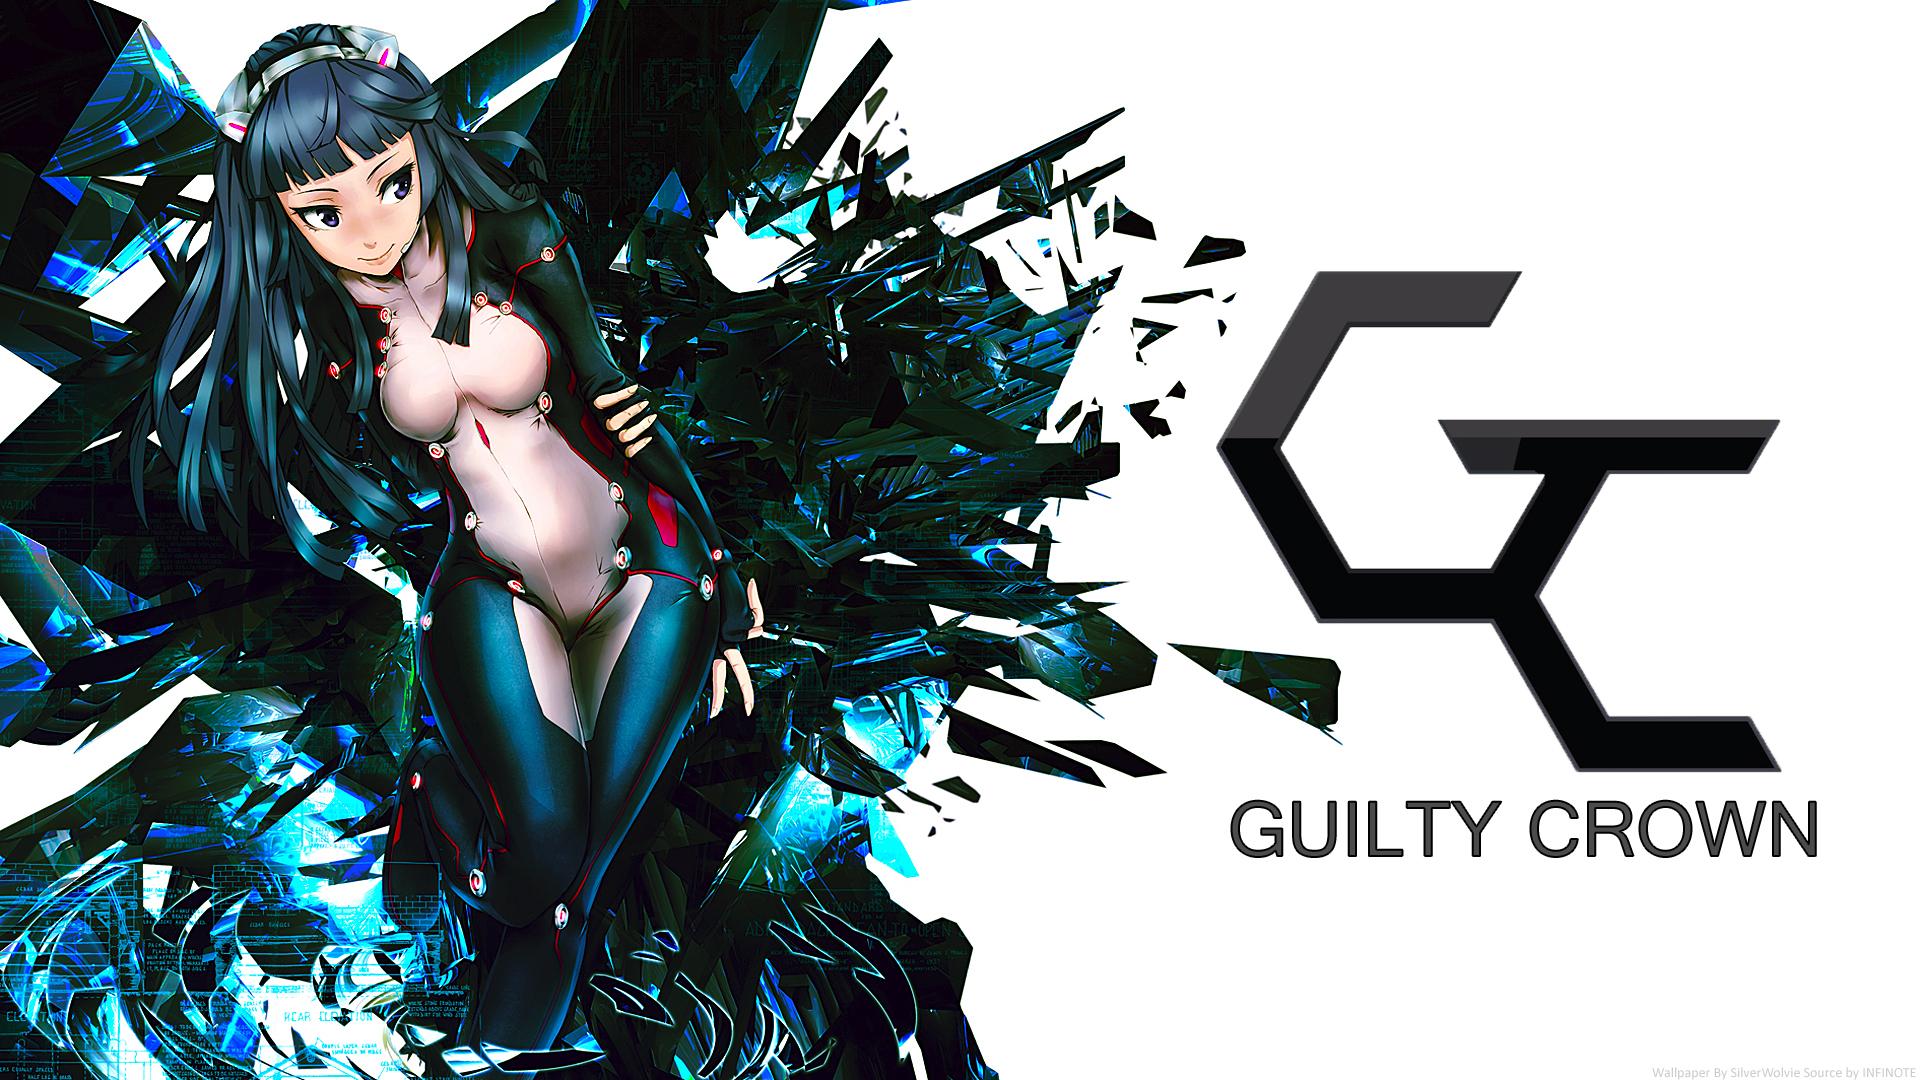 46+ Guilty Crown Wallpaper HD on WallpaperSafari